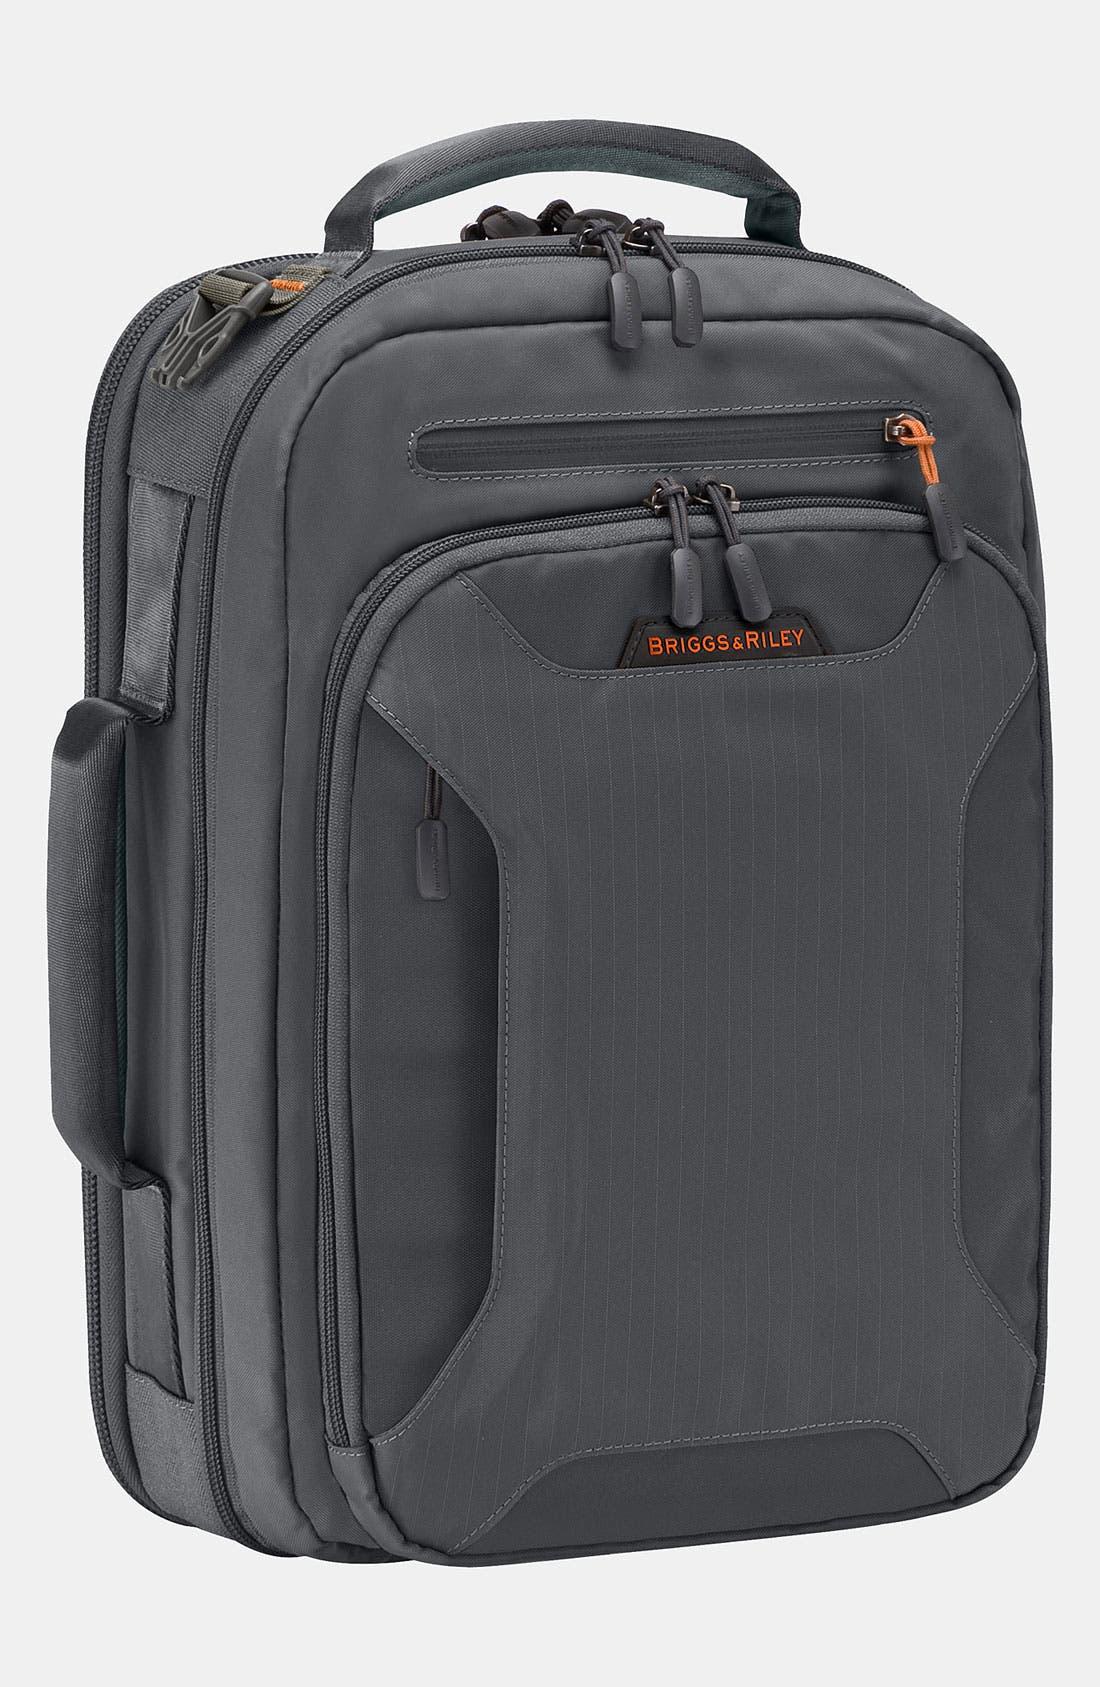 Main Image - Briggs & Riley 'Excursion' Convertible Briefcase